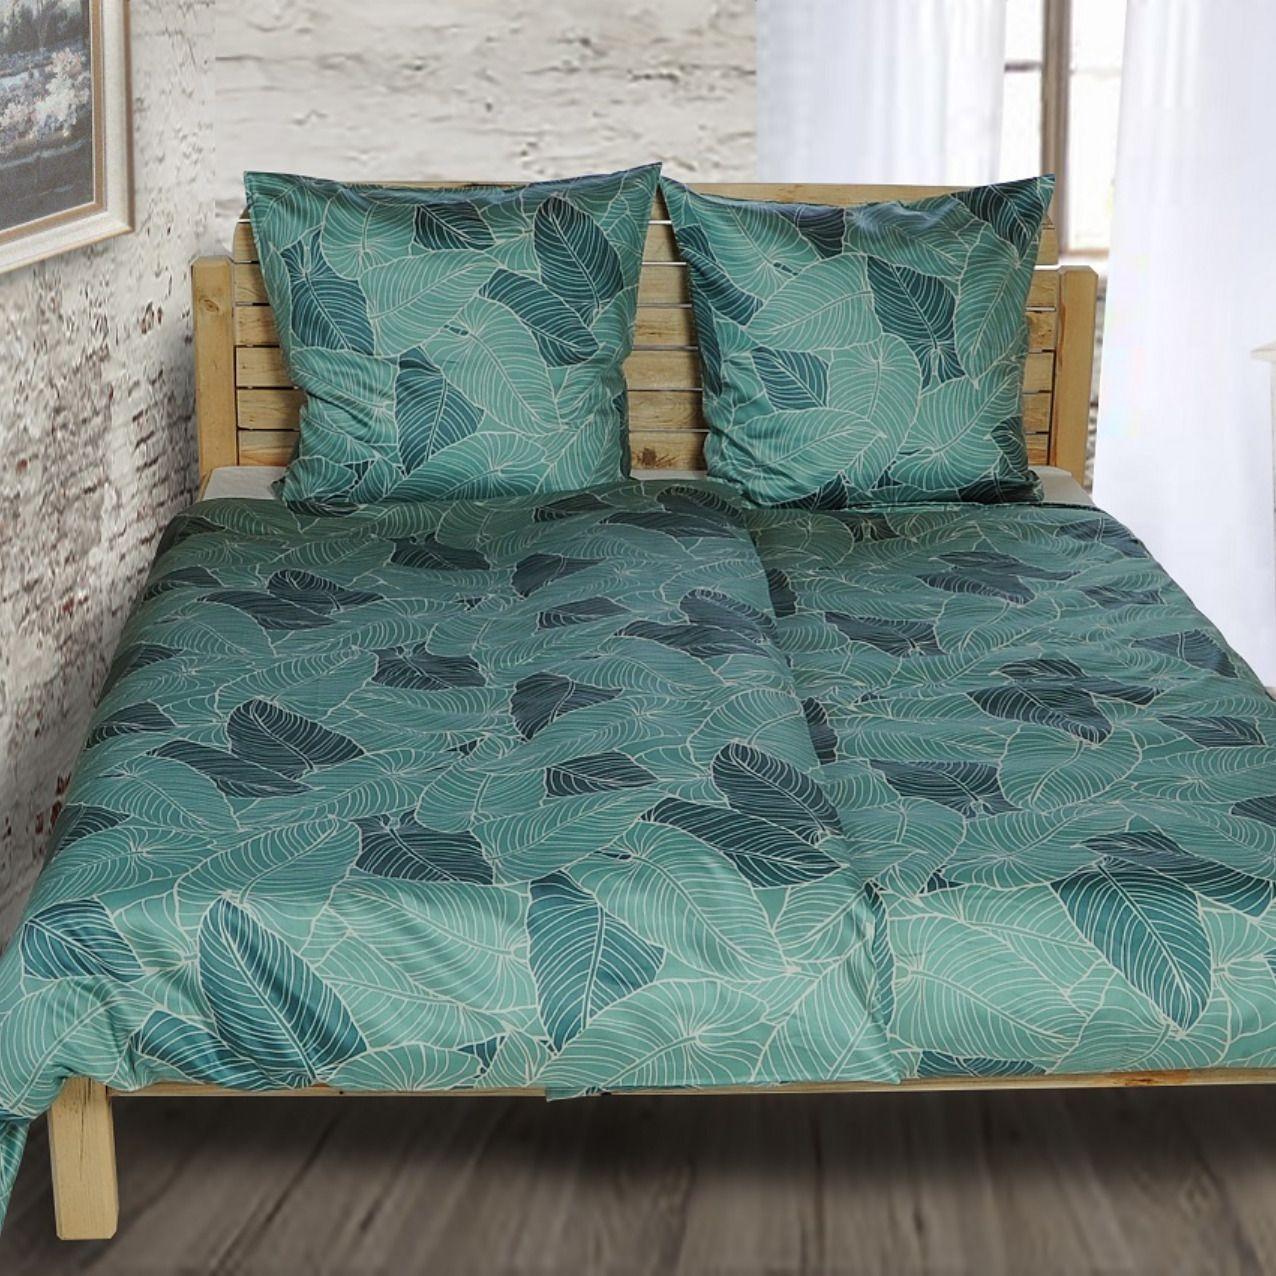 Momm Feine Bettwasche Benita Textile Traume Bettwasche Bett